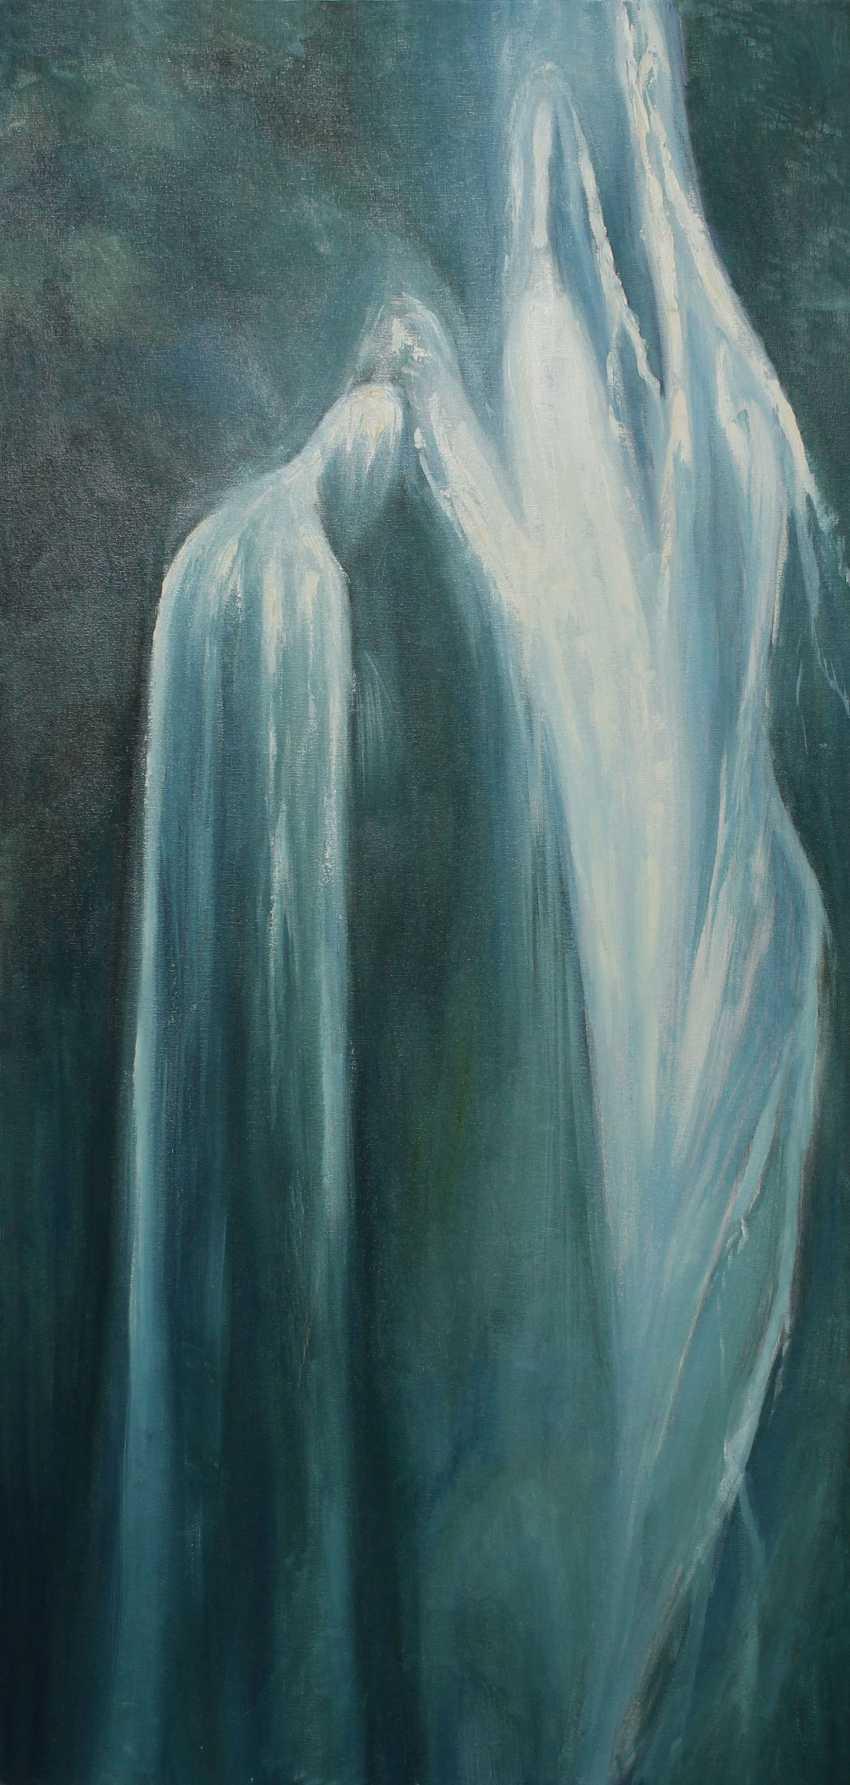 Юрий Павлык. Annunciation / Благовещение - фото 1